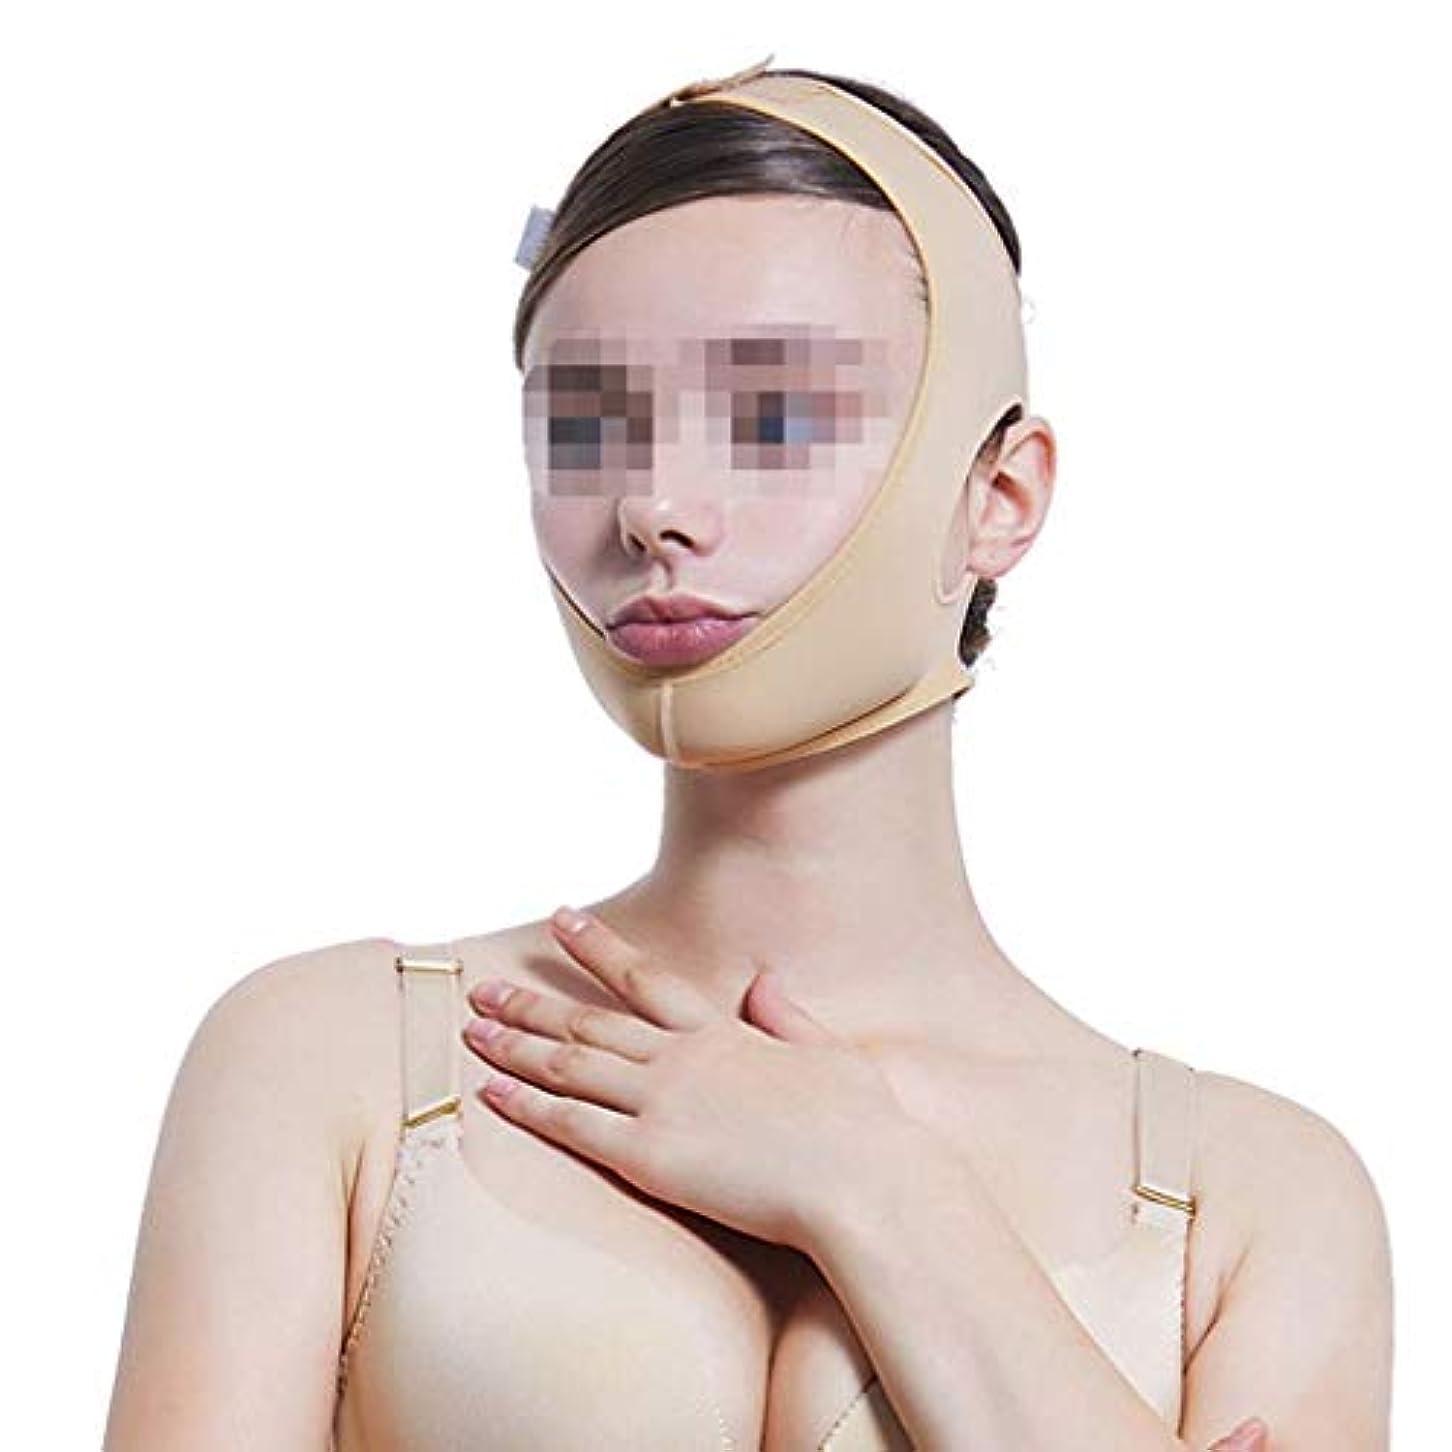 六分儀ピークタッチビームフェイス弾性ヘッドギア、ダブルあごのあごのセットをマスクの後に線彫り薄いフェイス包帯マルチサイズオプション(サイズ:XS),XXL